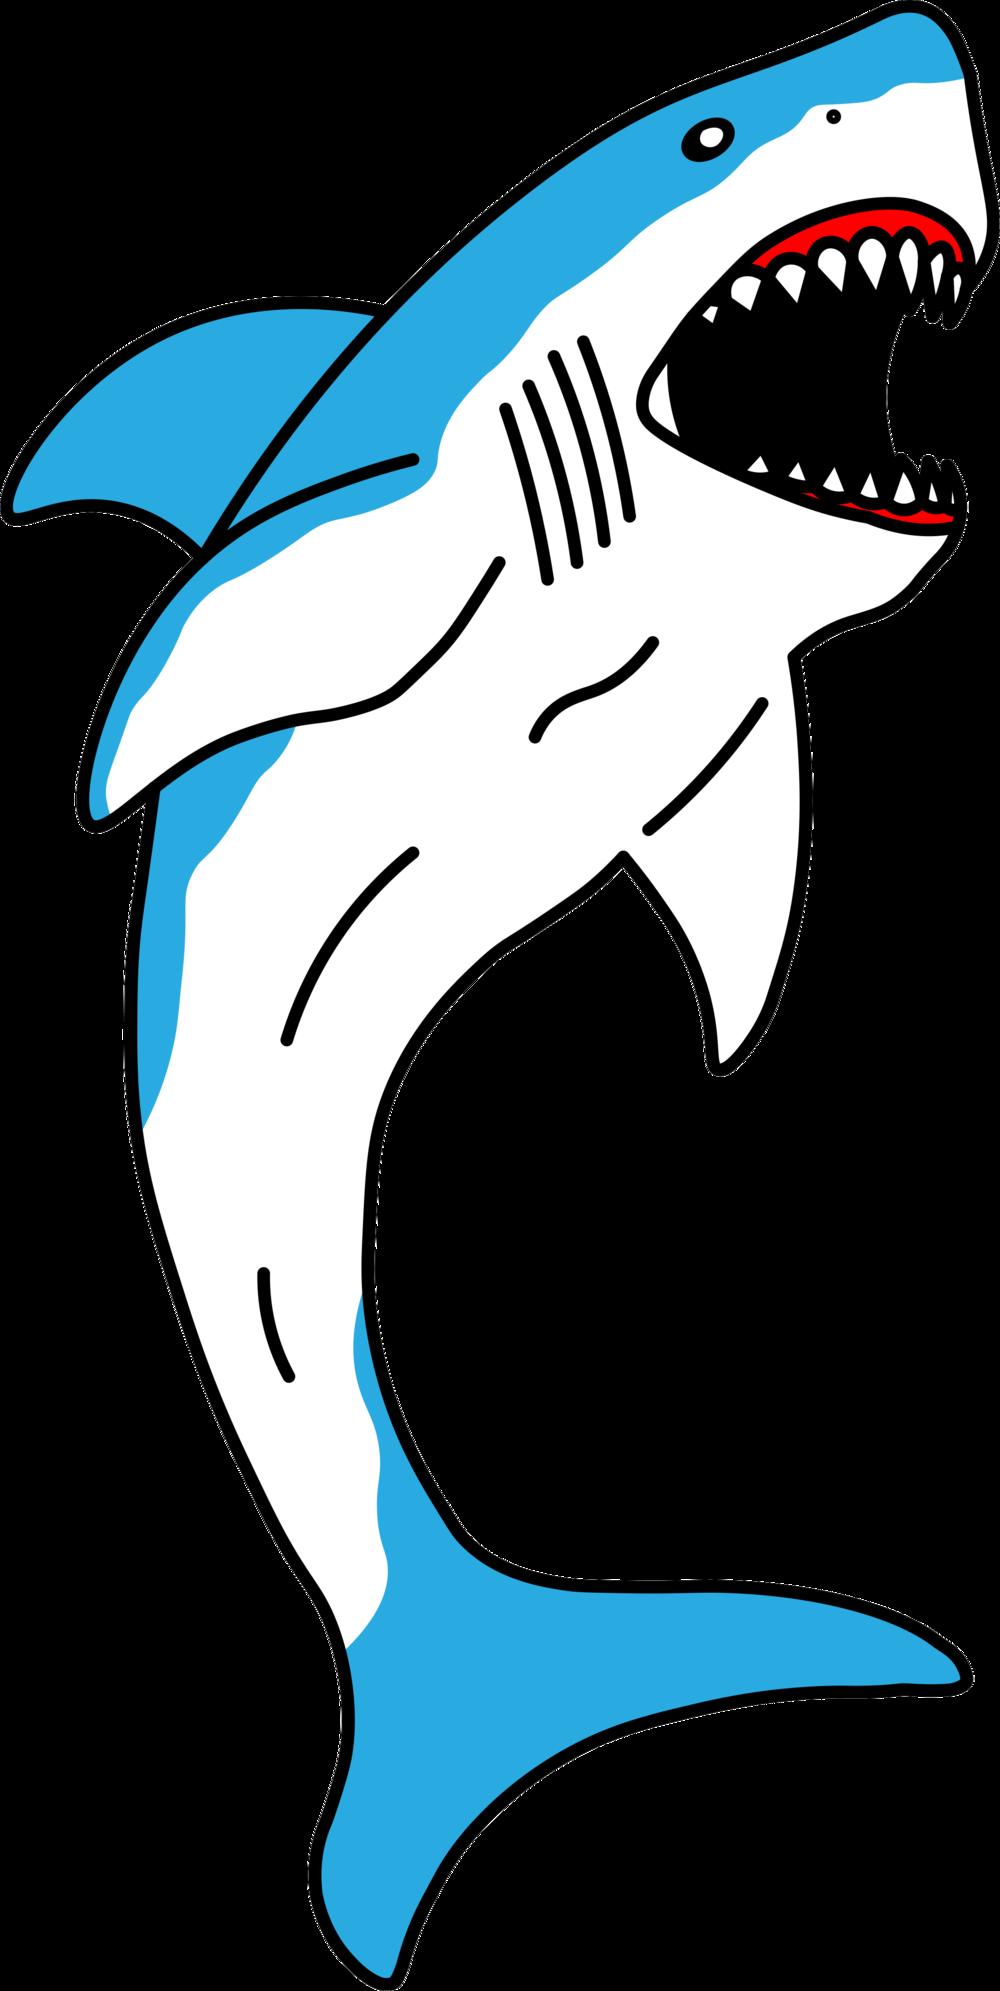 shark color copy.png